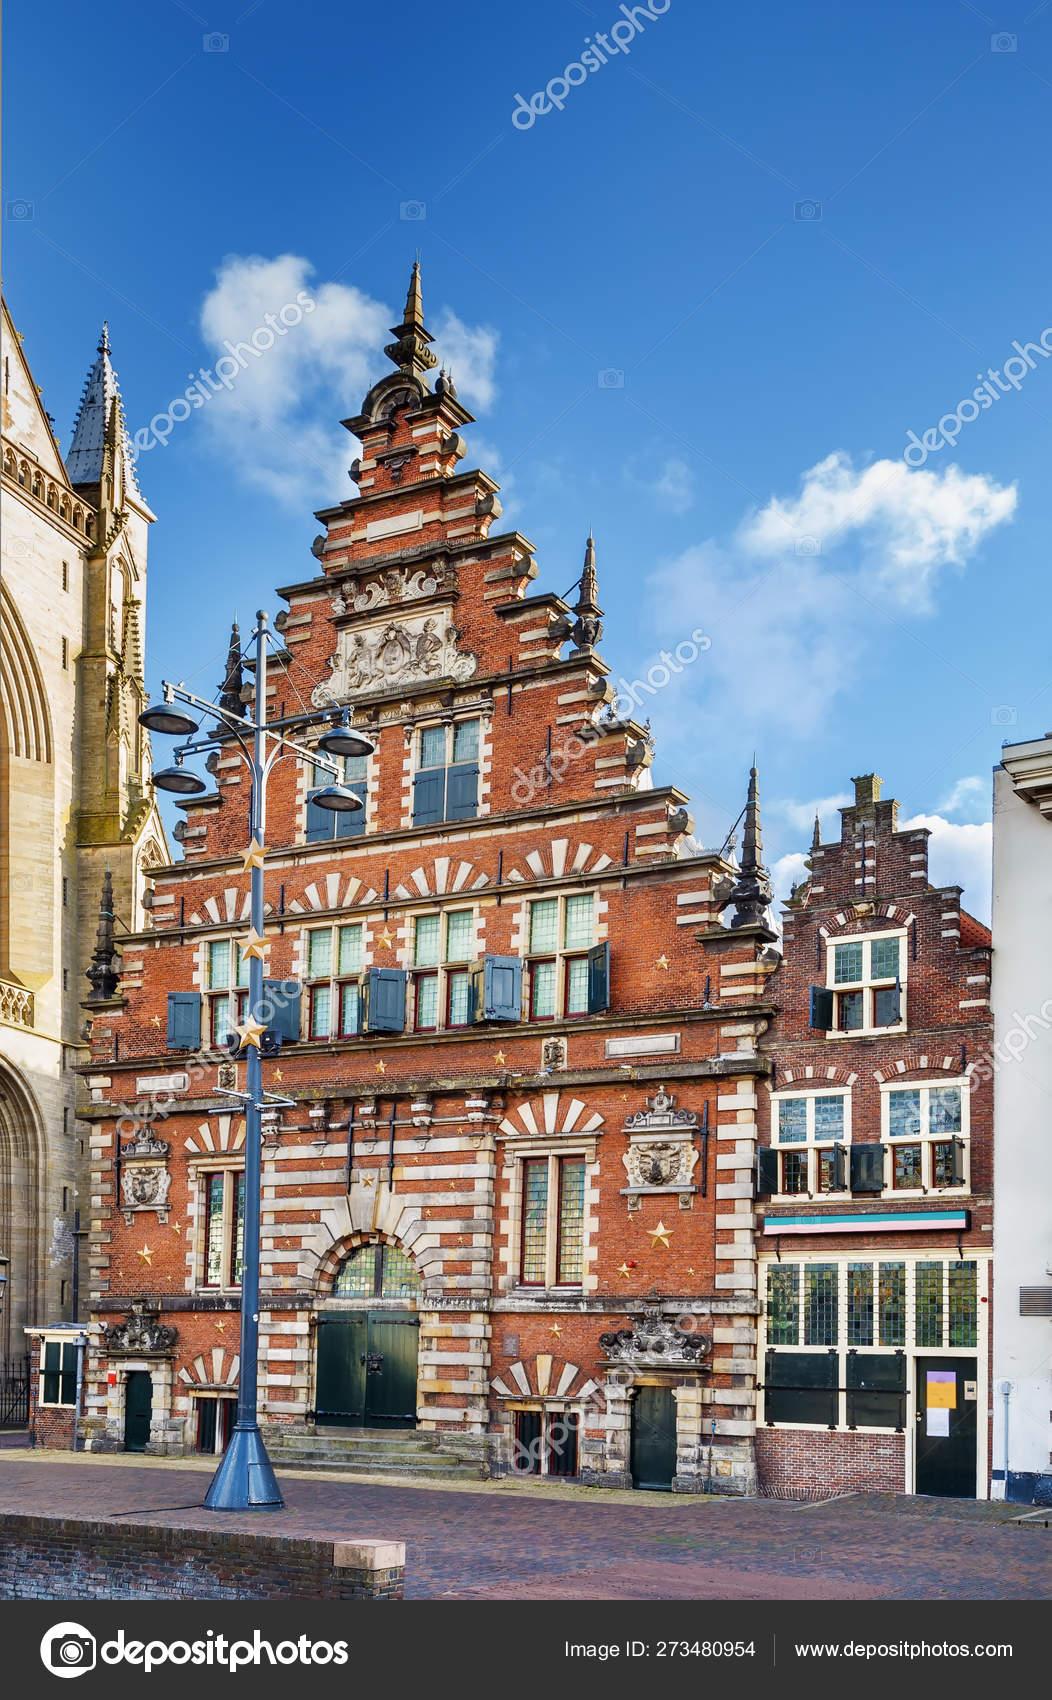 Case de vacanță în Moordrecht